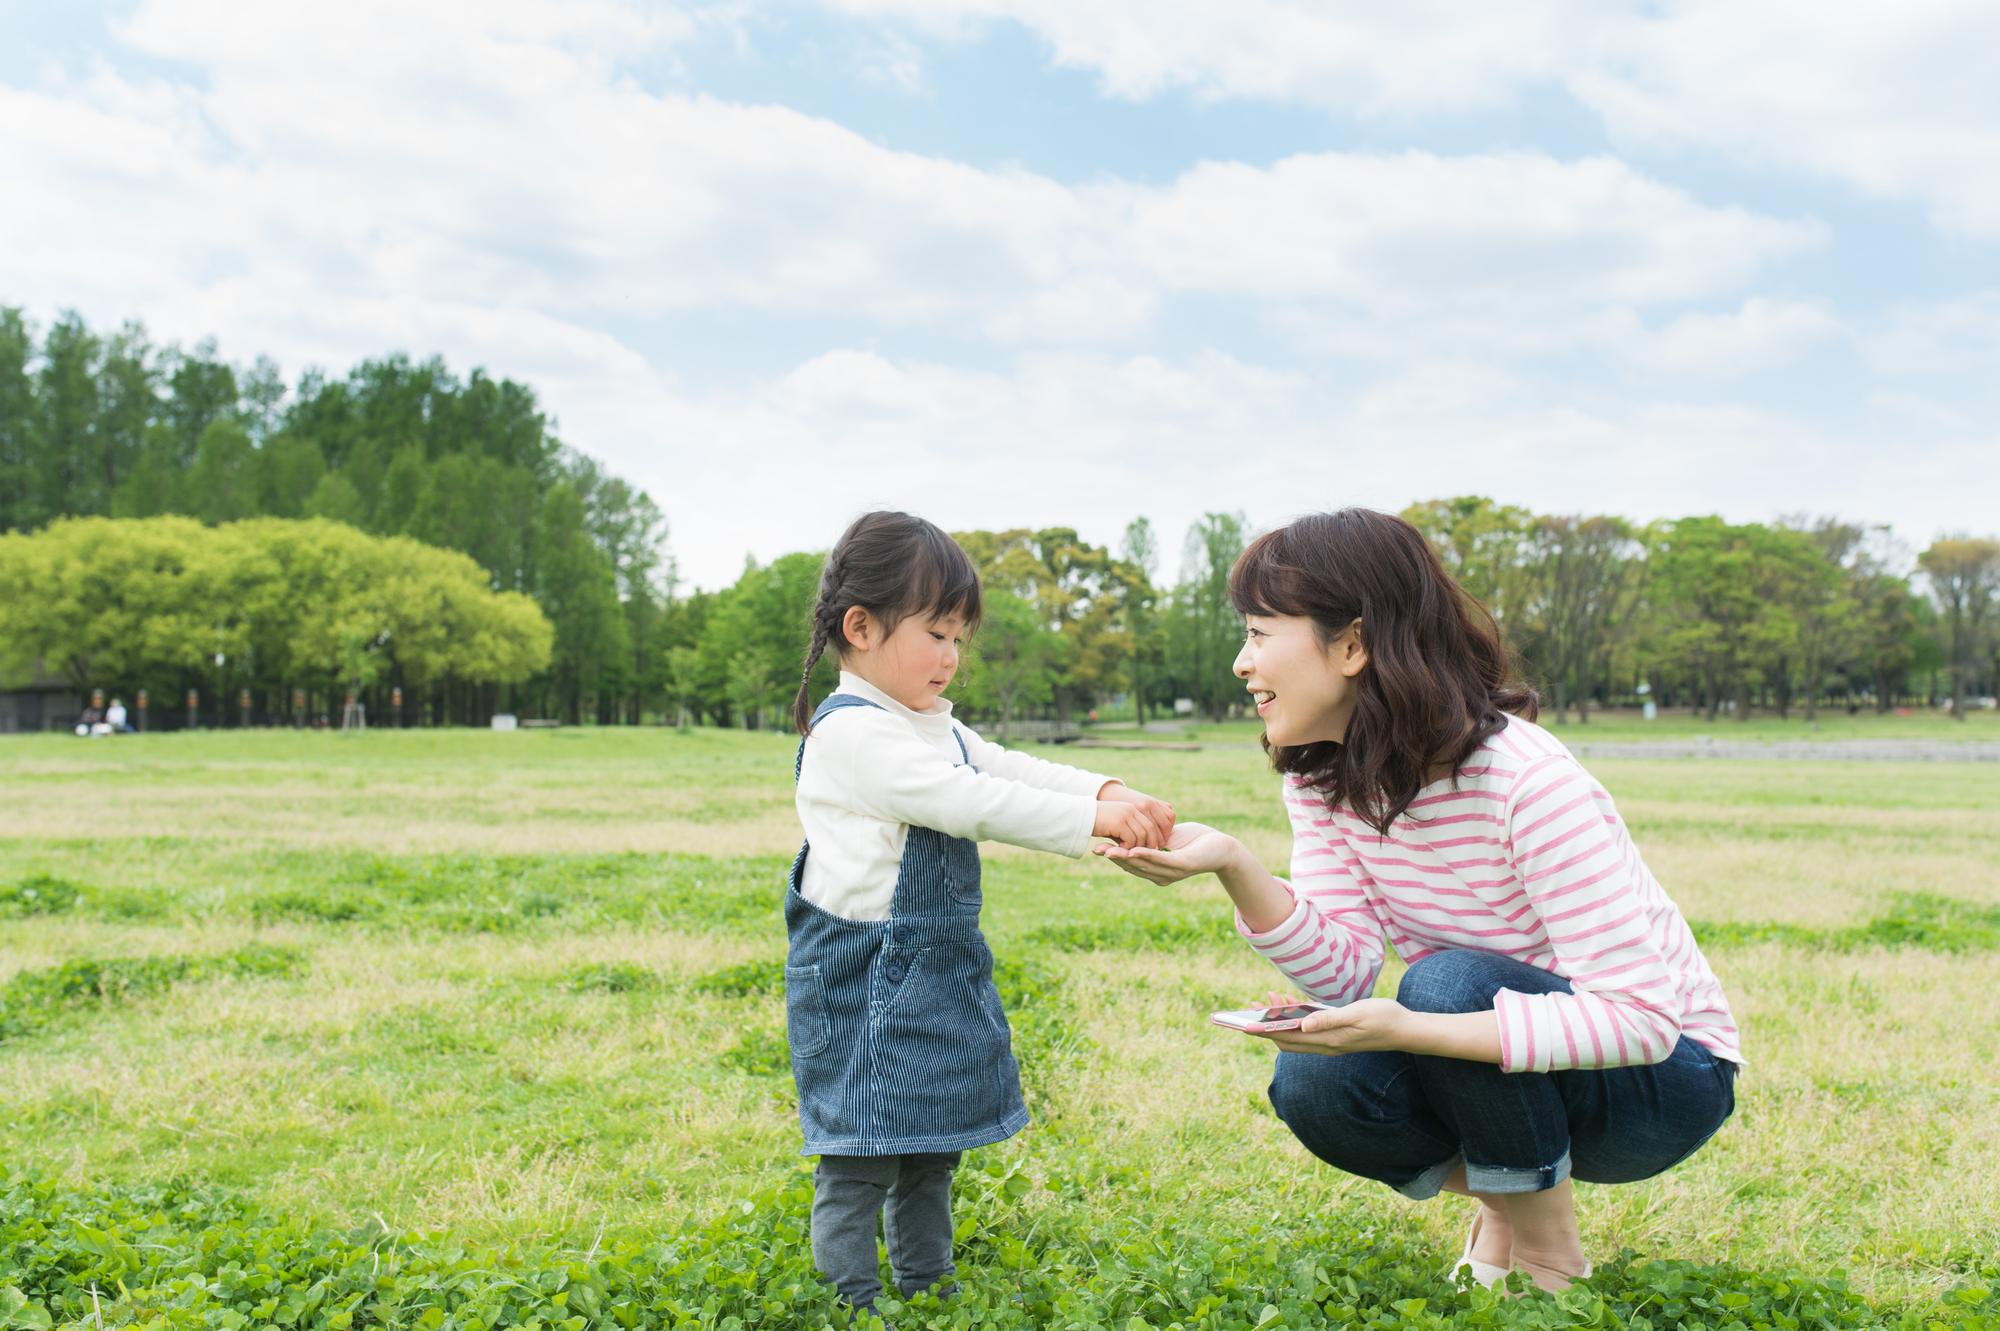 子供の言葉を育みたい!自然を活かして子供と会話を楽しもう!